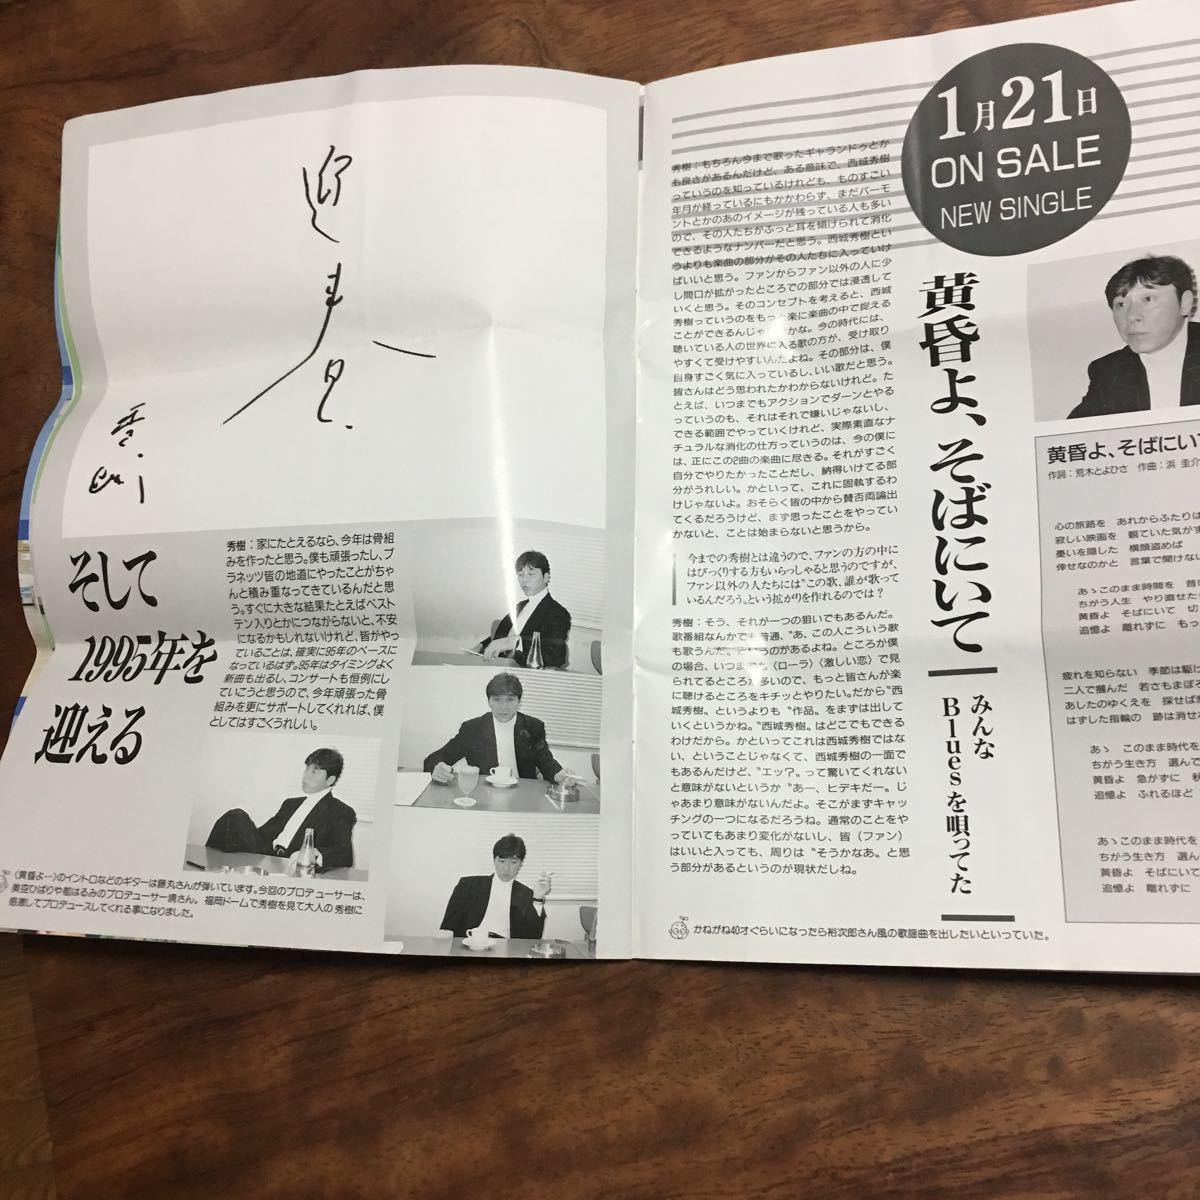 西城秀樹 ファンクラブ会報誌 DUET 1994 vol 39_画像5